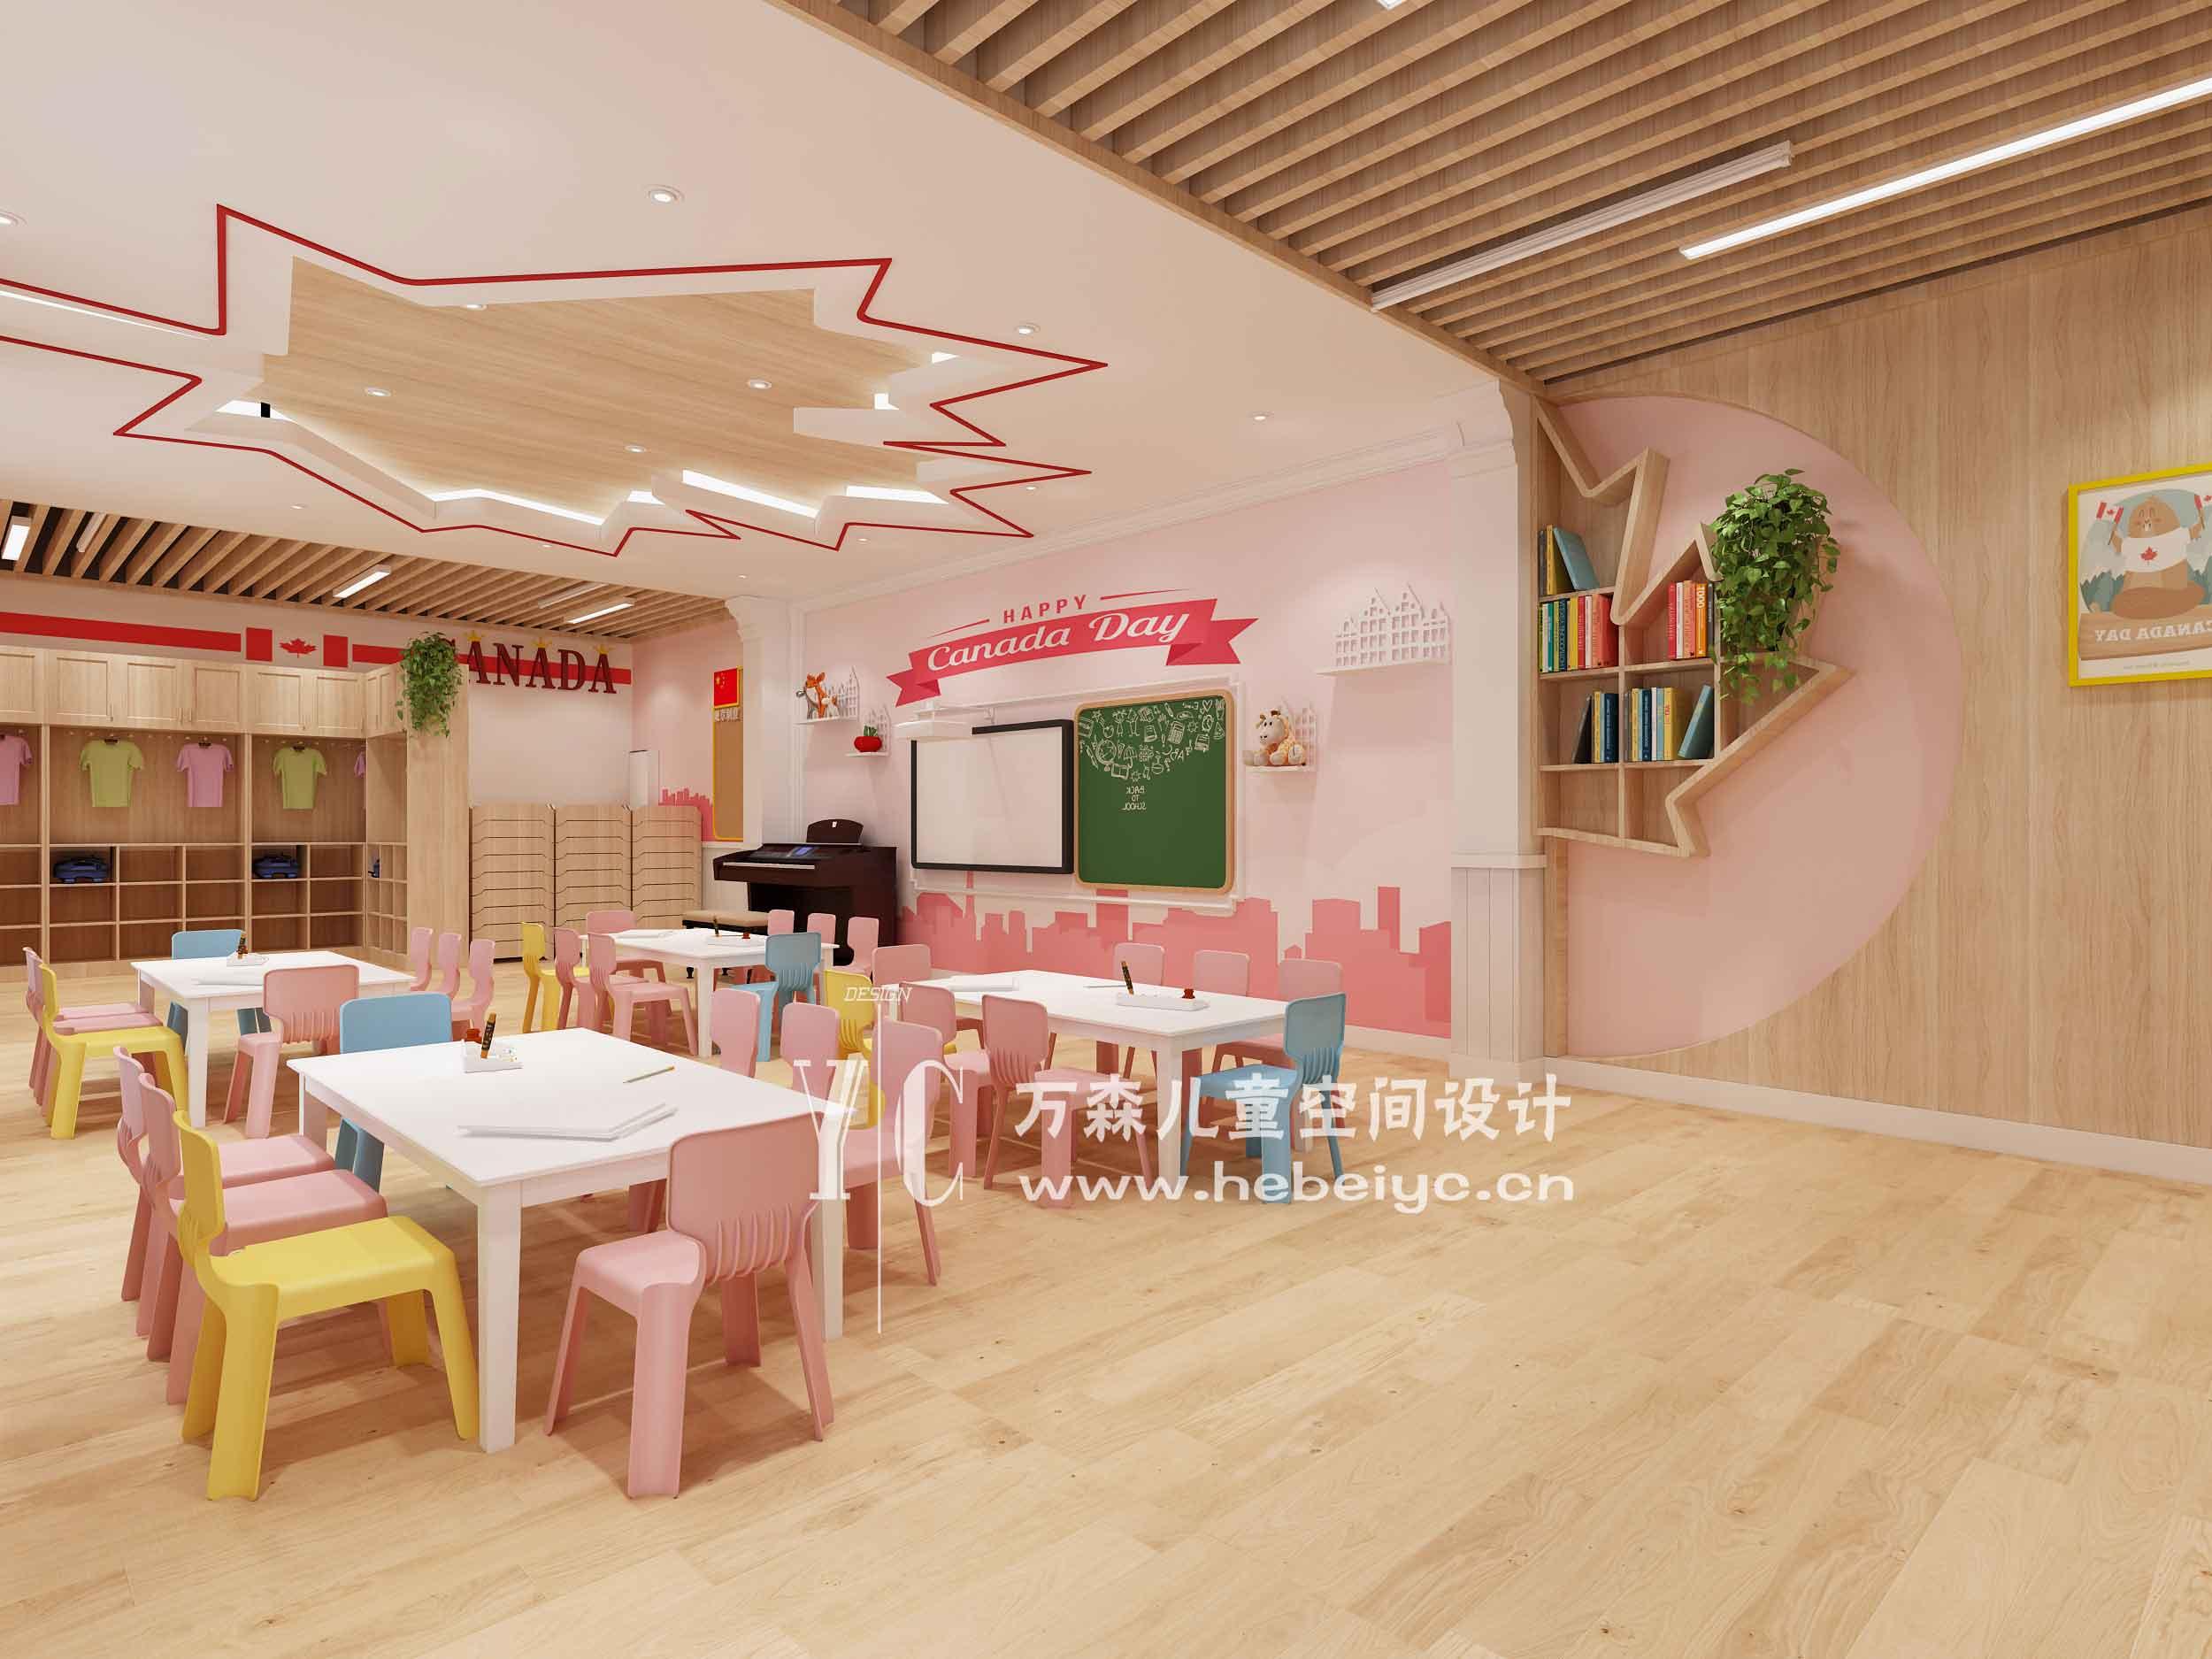 邢台 儿童空间设计 早教中心装修设计公司